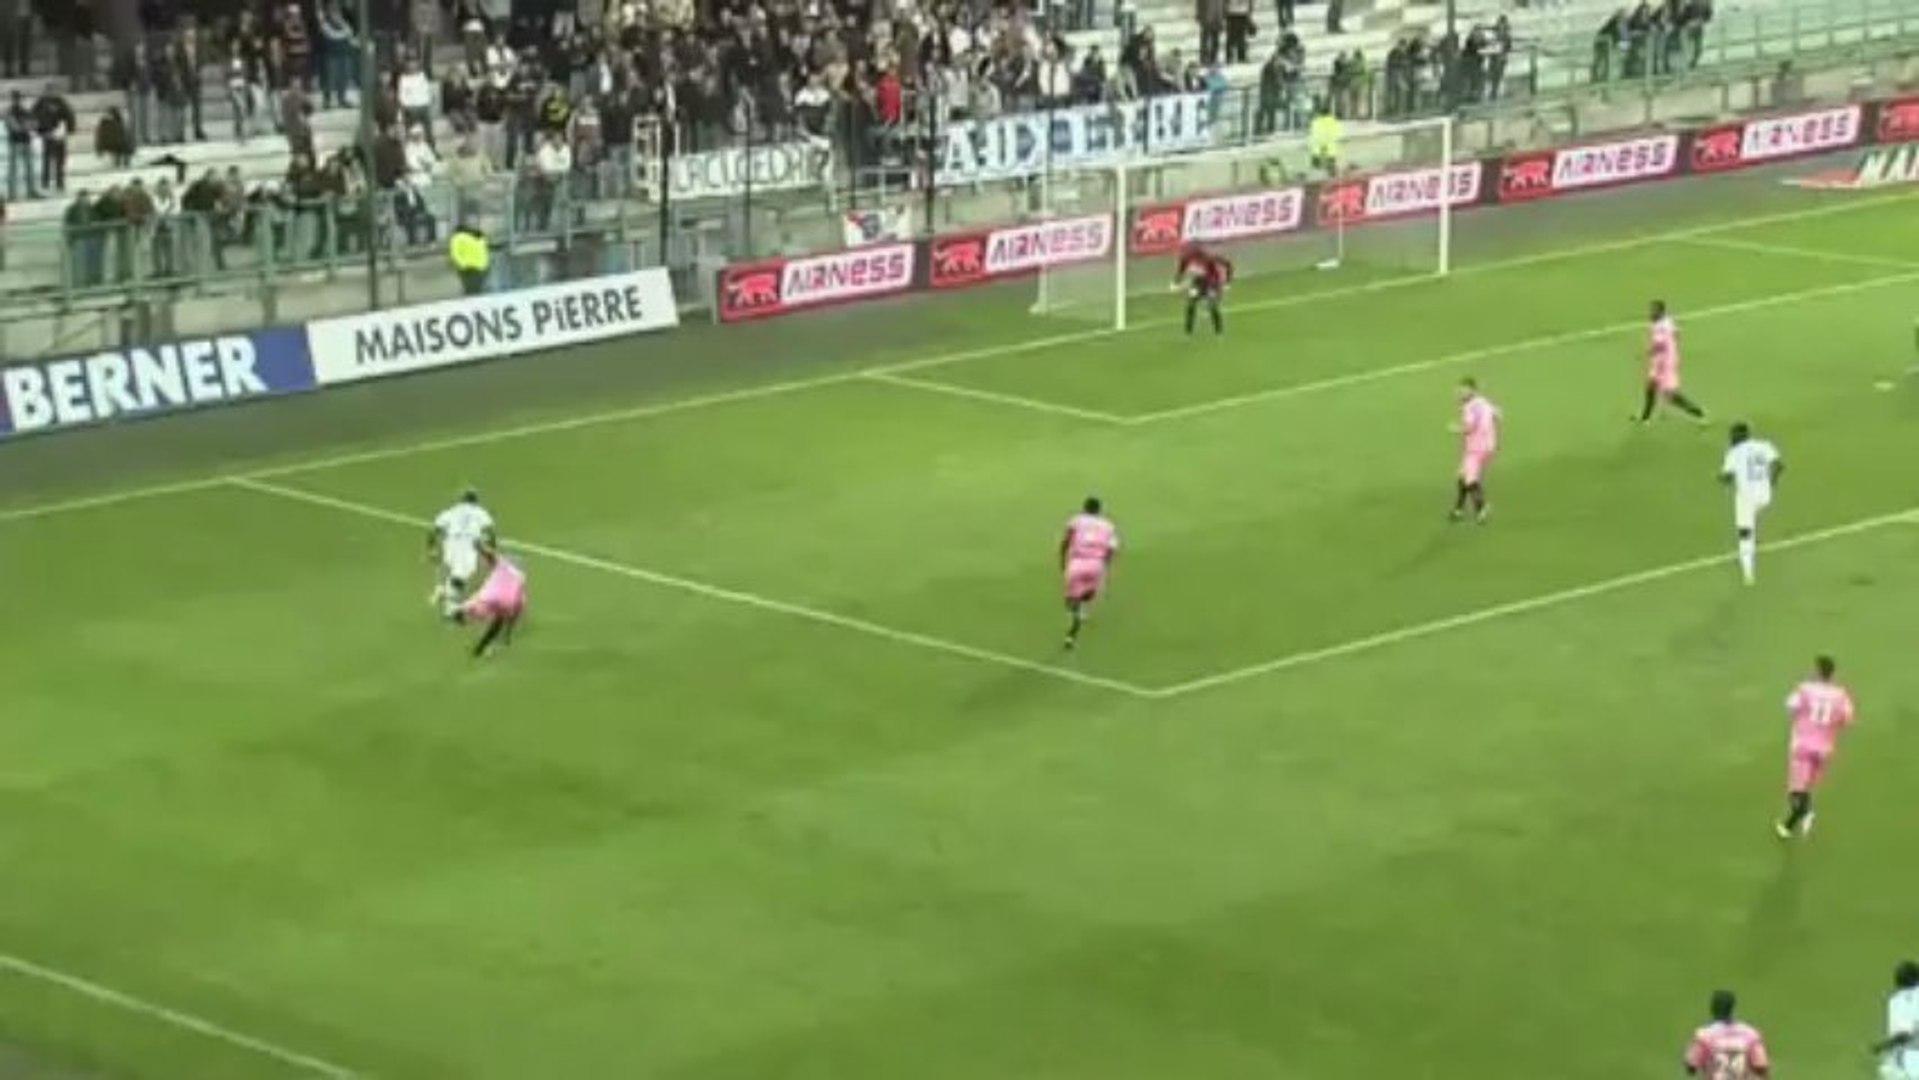 AJ Auxerre (AJA) - Clermont Foot (CFA) Le résumé du match (37ème journée) - saison 2012/2013